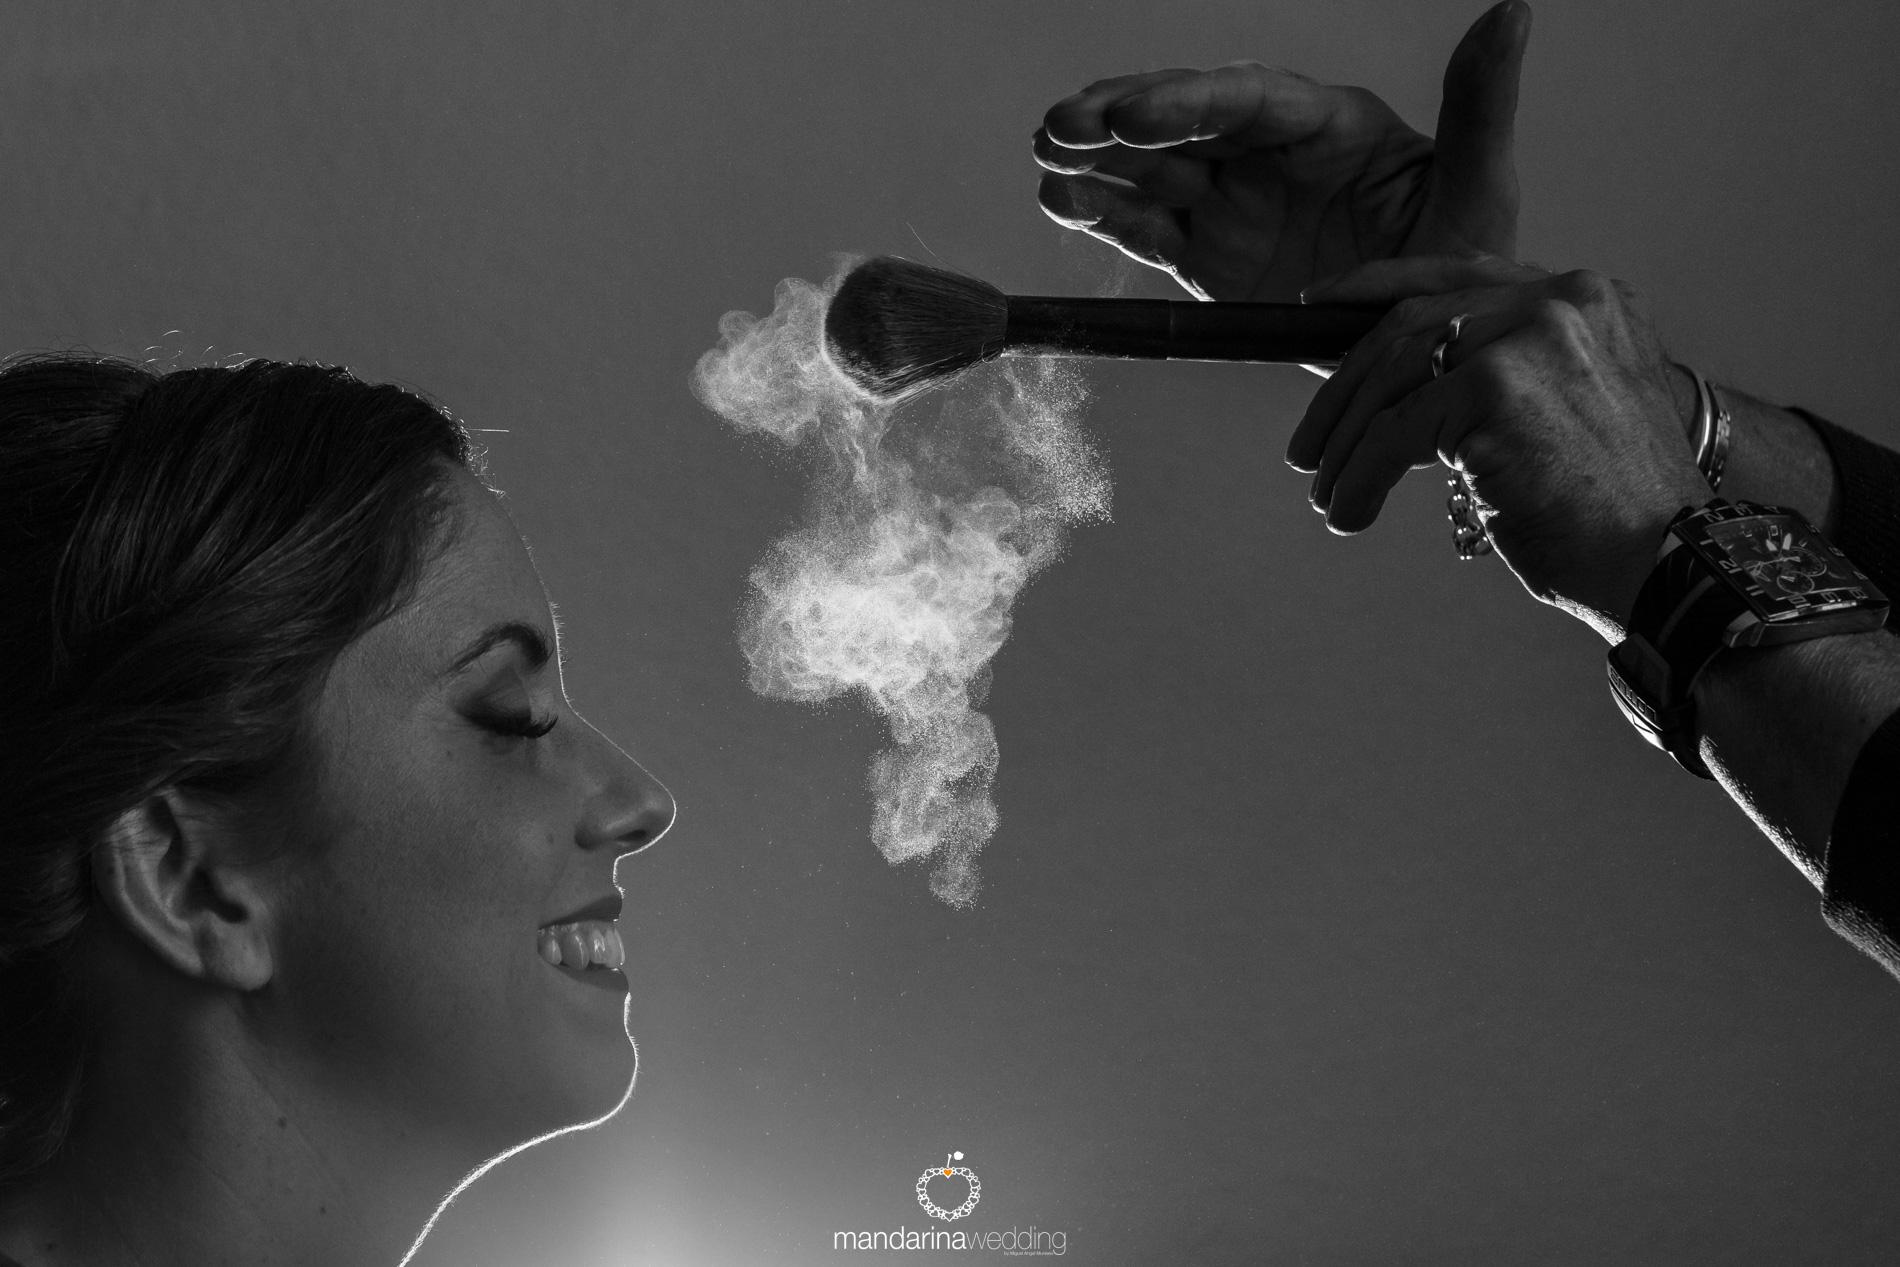 mandarina wedding, fotografo de boda, fotografo boda soria, fotografo boda barcelona, fotografo boda Madrid, fotografo boda lerida, fotografo boda Huesca, fotografo de destino_008